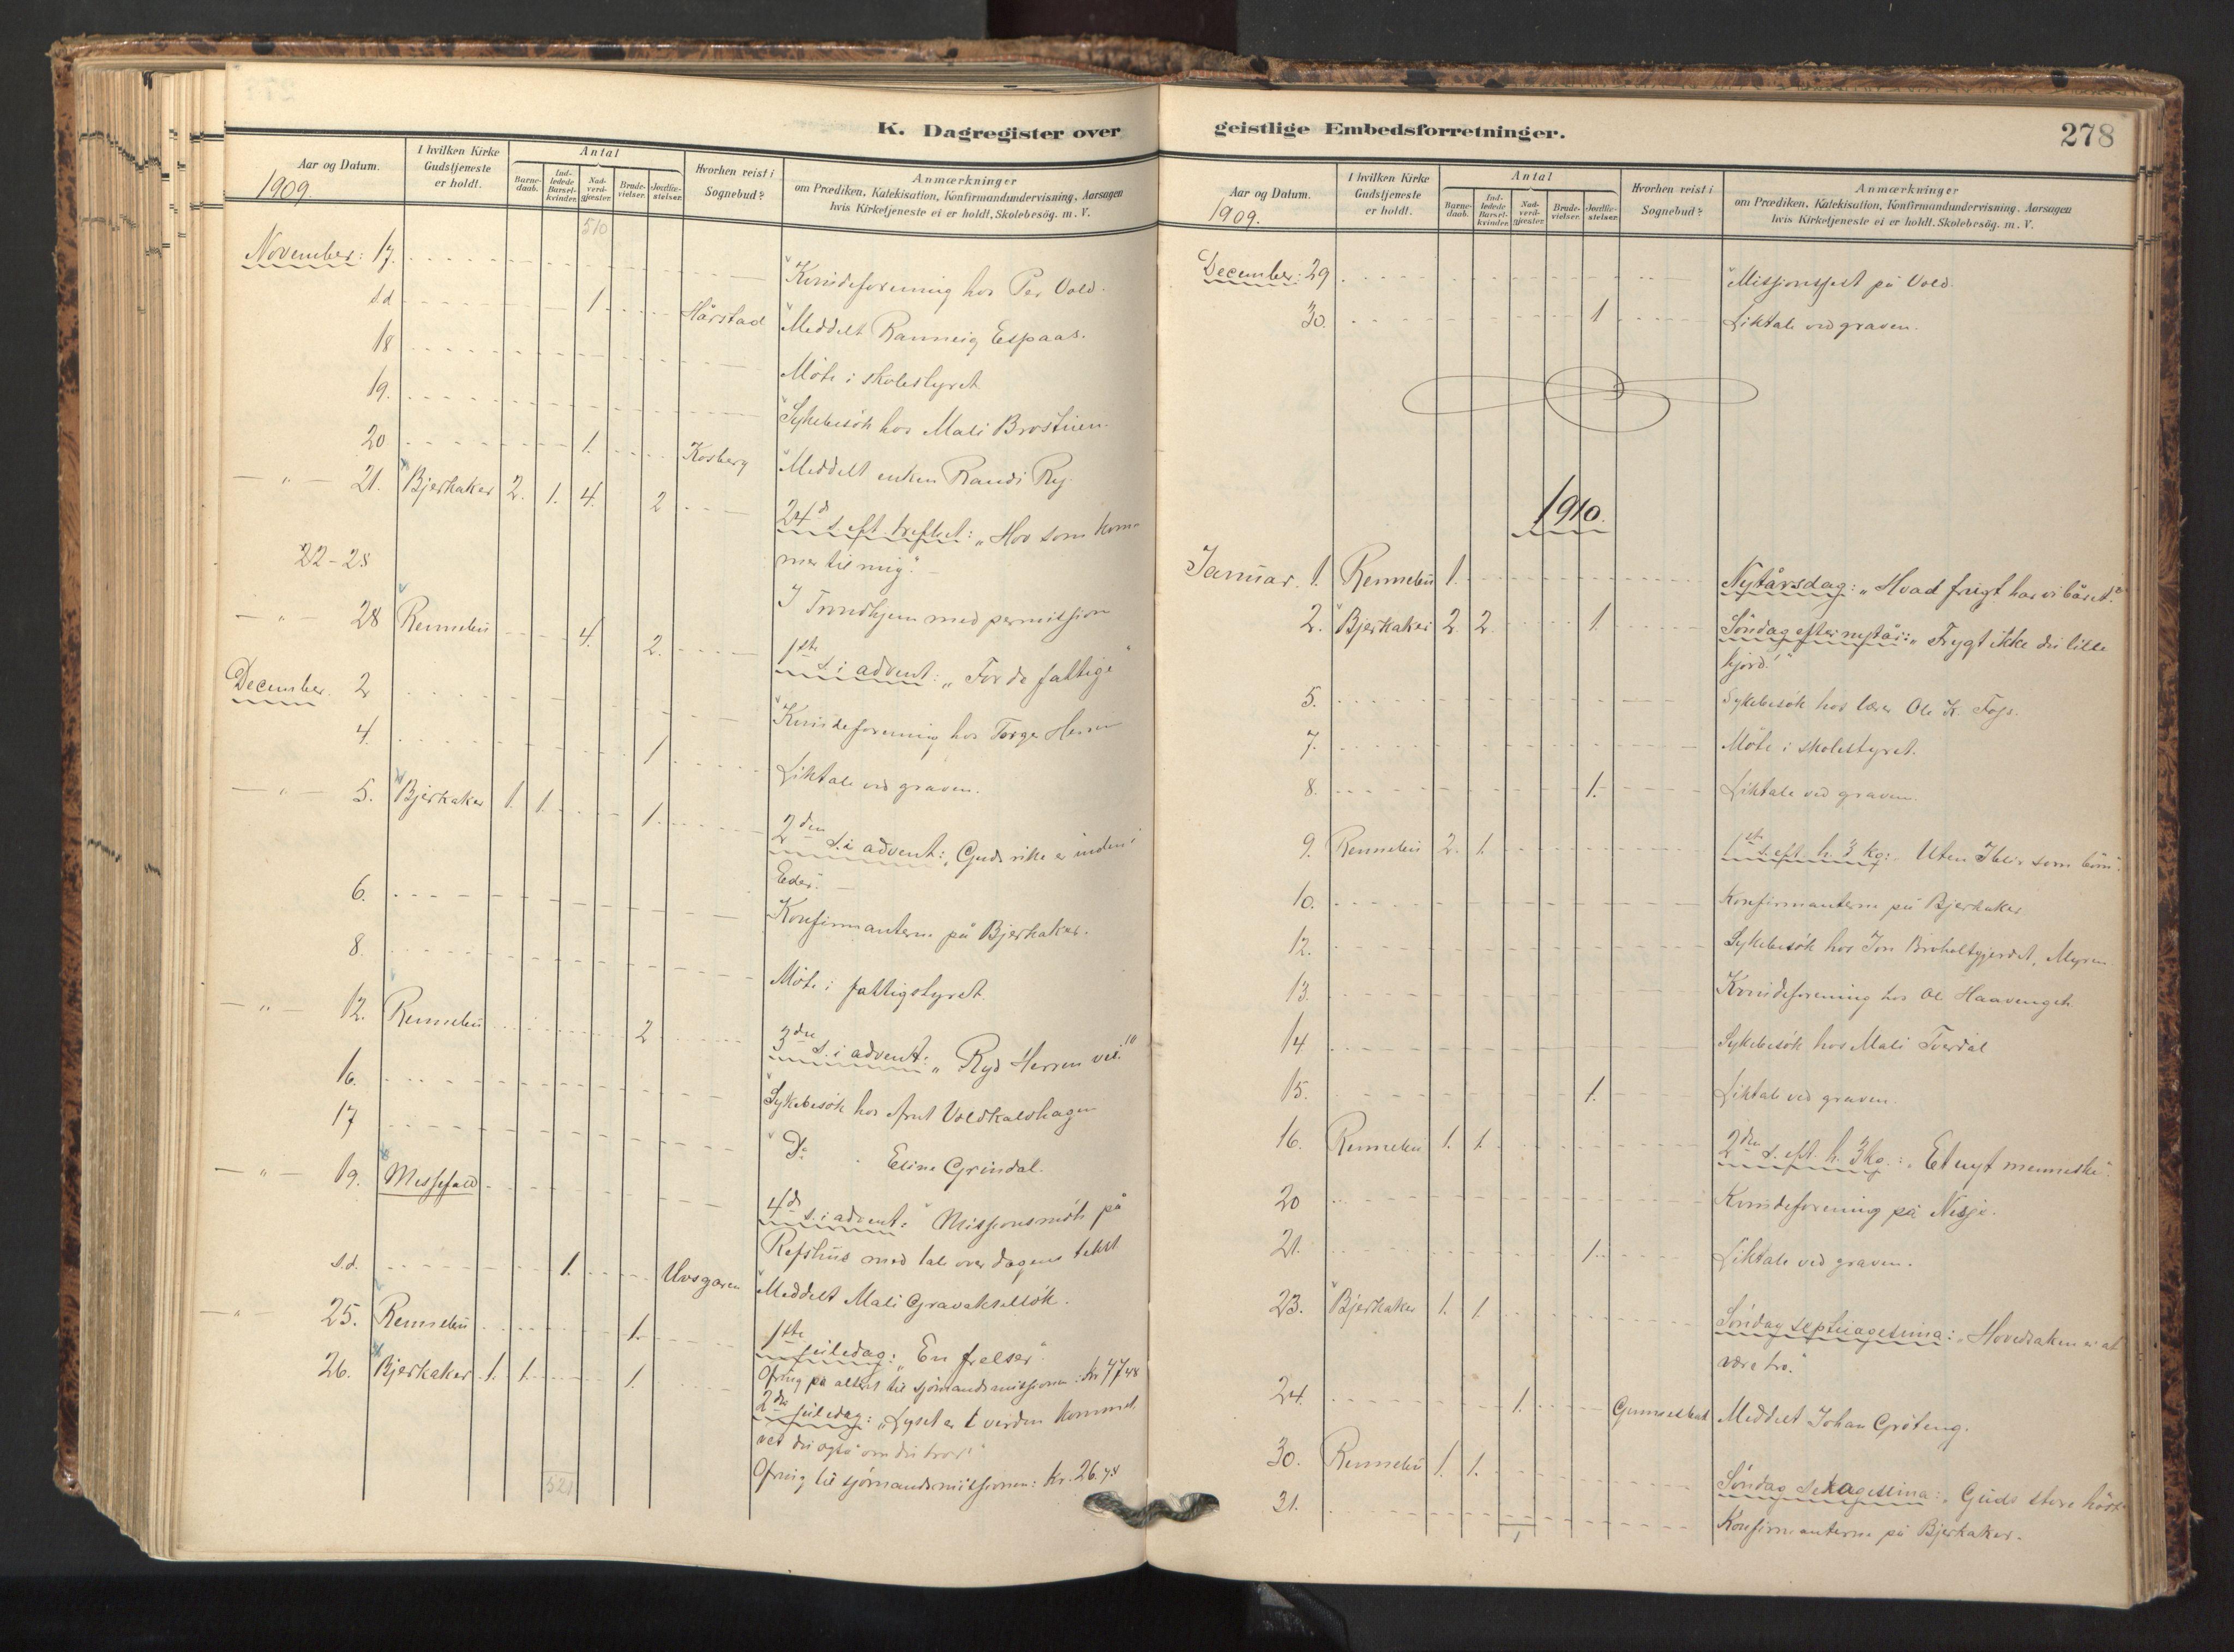 SAT, Ministerialprotokoller, klokkerbøker og fødselsregistre - Sør-Trøndelag, 674/L0873: Ministerialbok nr. 674A05, 1908-1923, s. 278